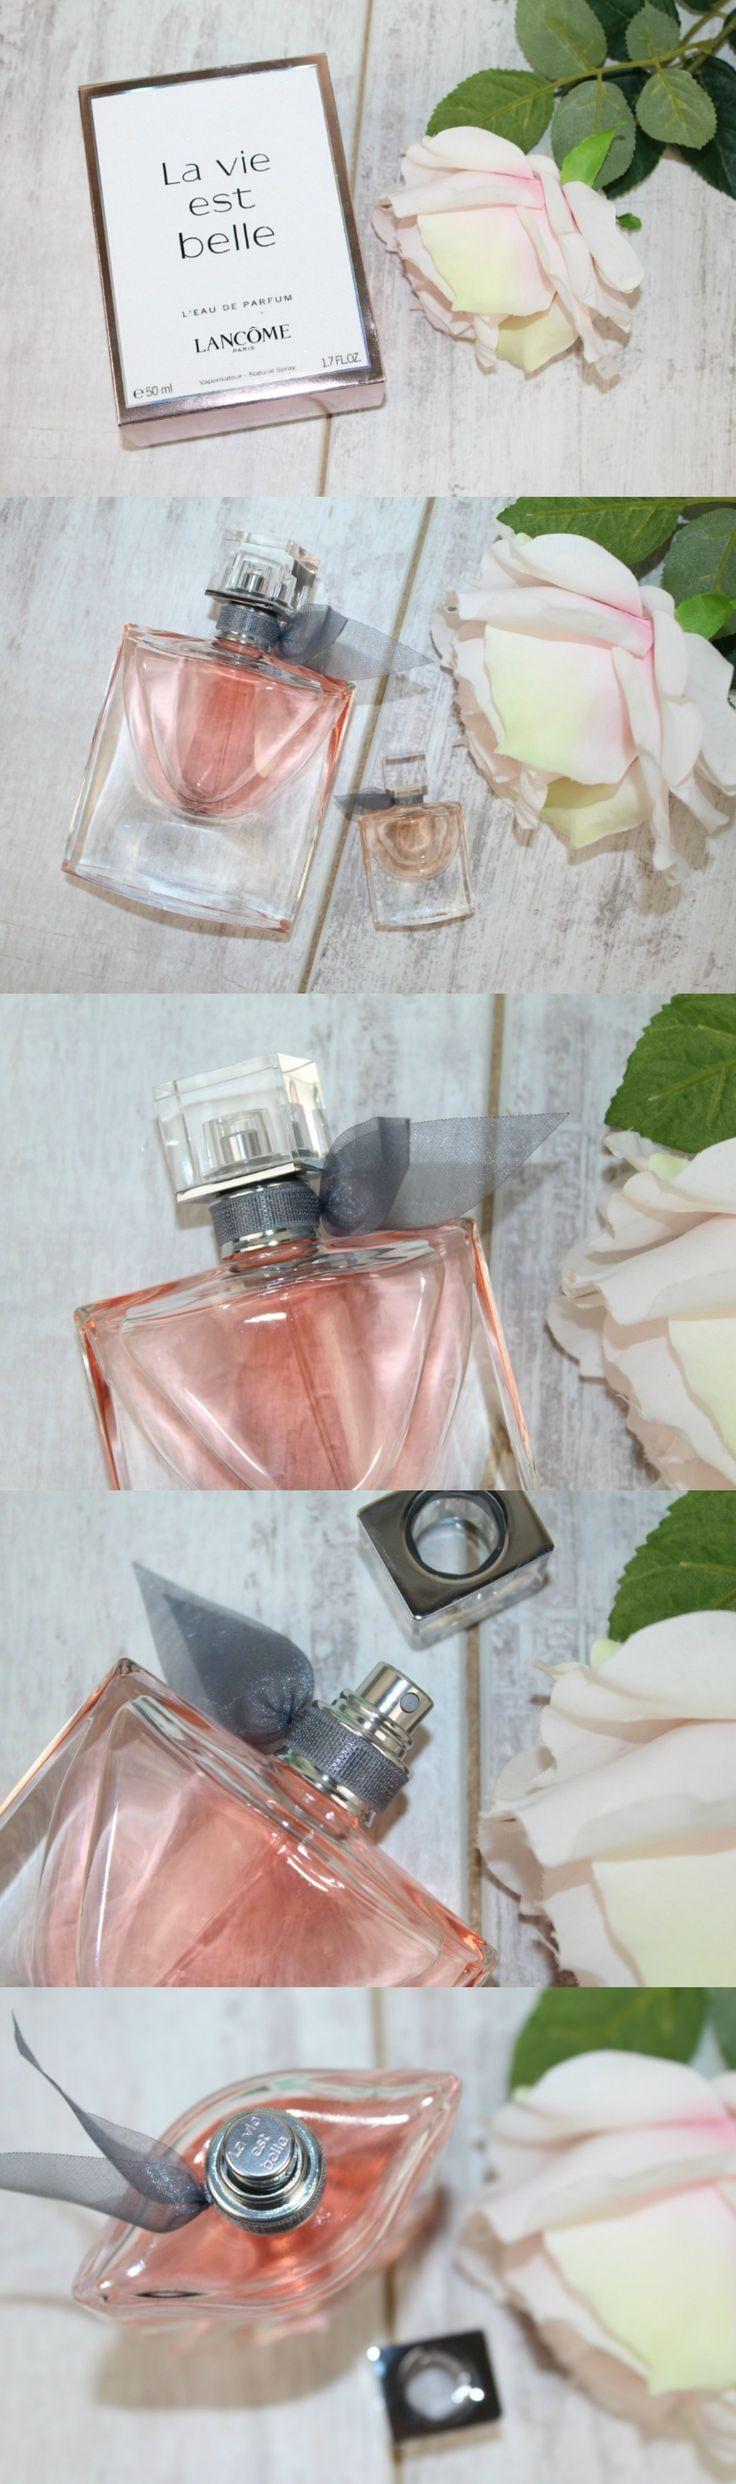 Lancôme La vie est belle Review & Photos - http://pinkparadisebeauty.blogspot.co.uk/2016/06/lancome-la-vie-est-belle-review-photos.html